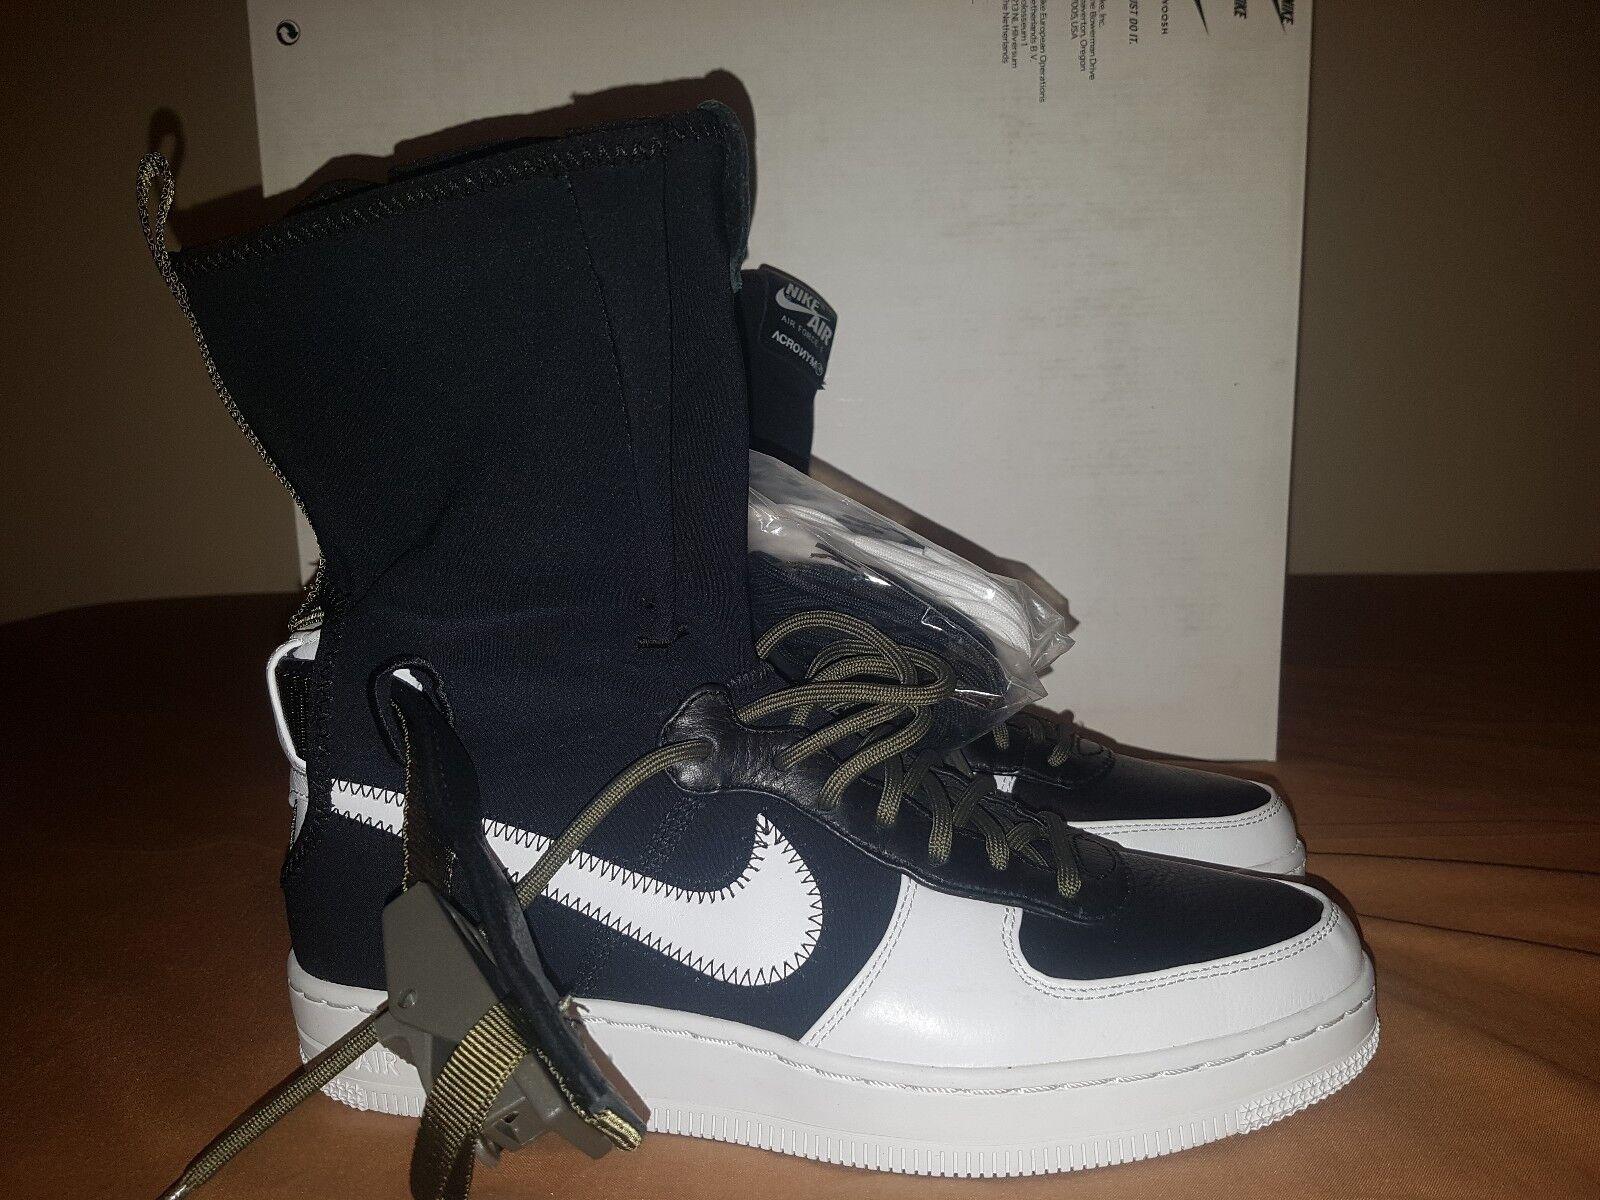 Nike AF1 Downtown HI SP ACRONYM